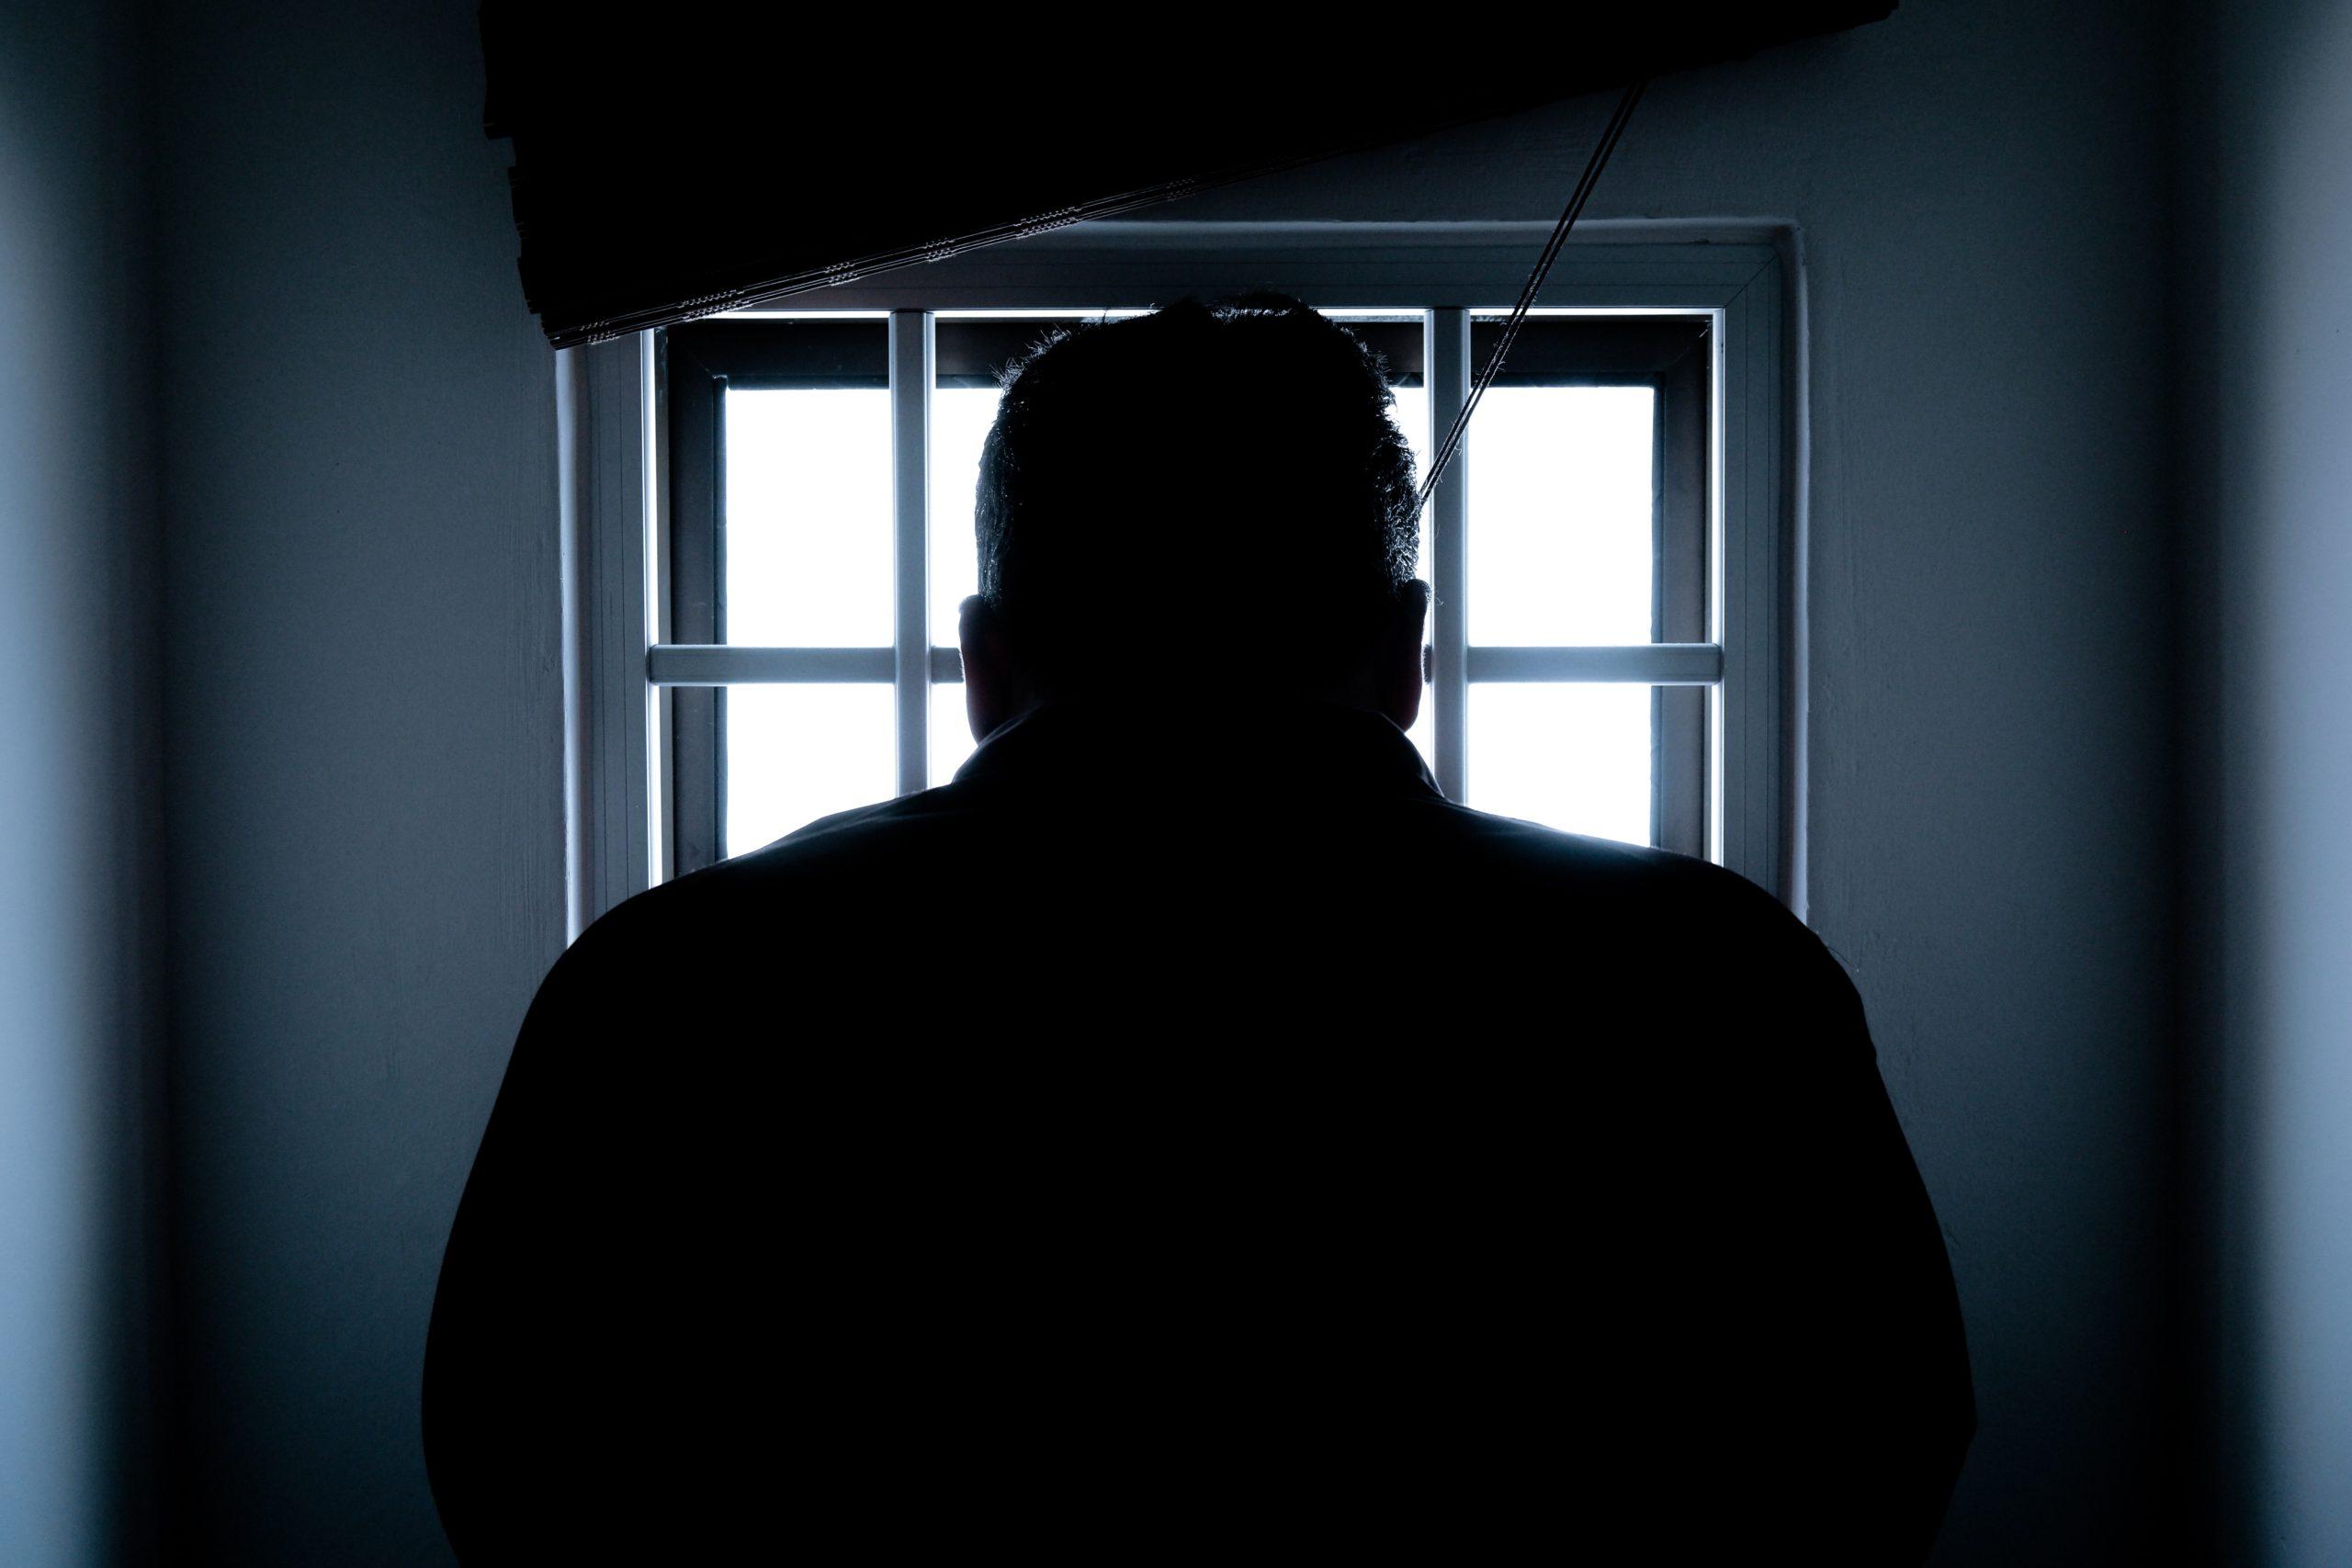 man_in_jail